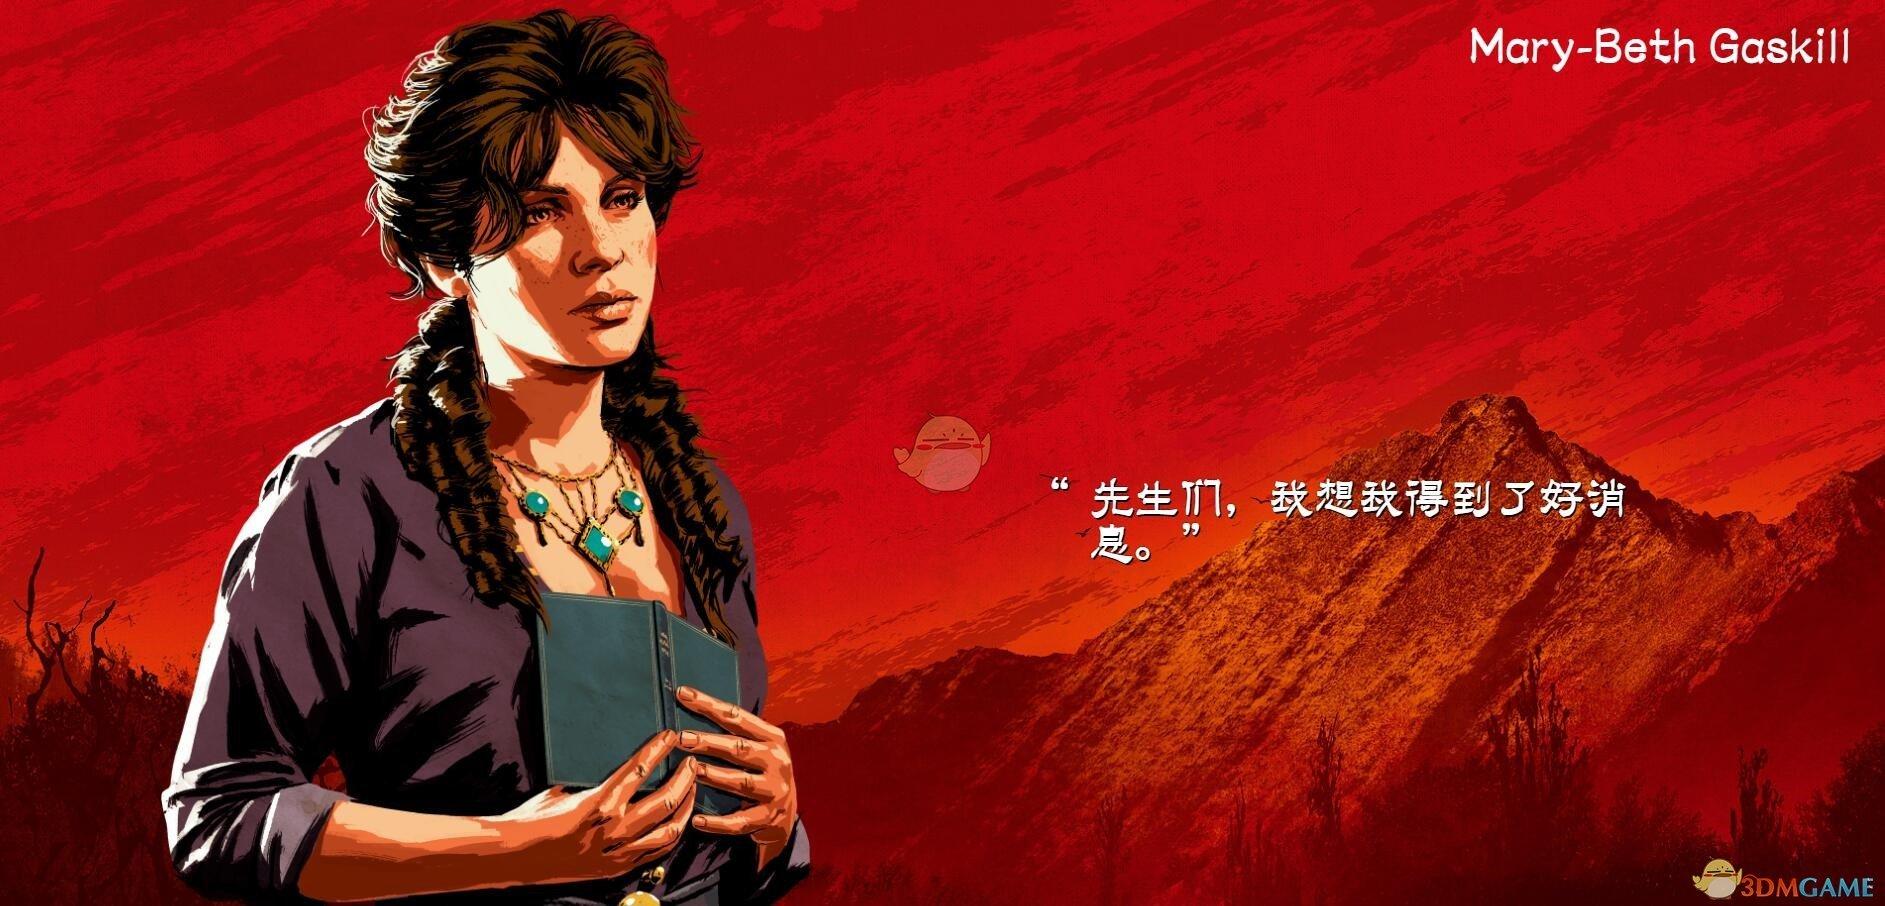 《荒野大镖客2》玛丽·贝思·加斯基尔人物生平介绍